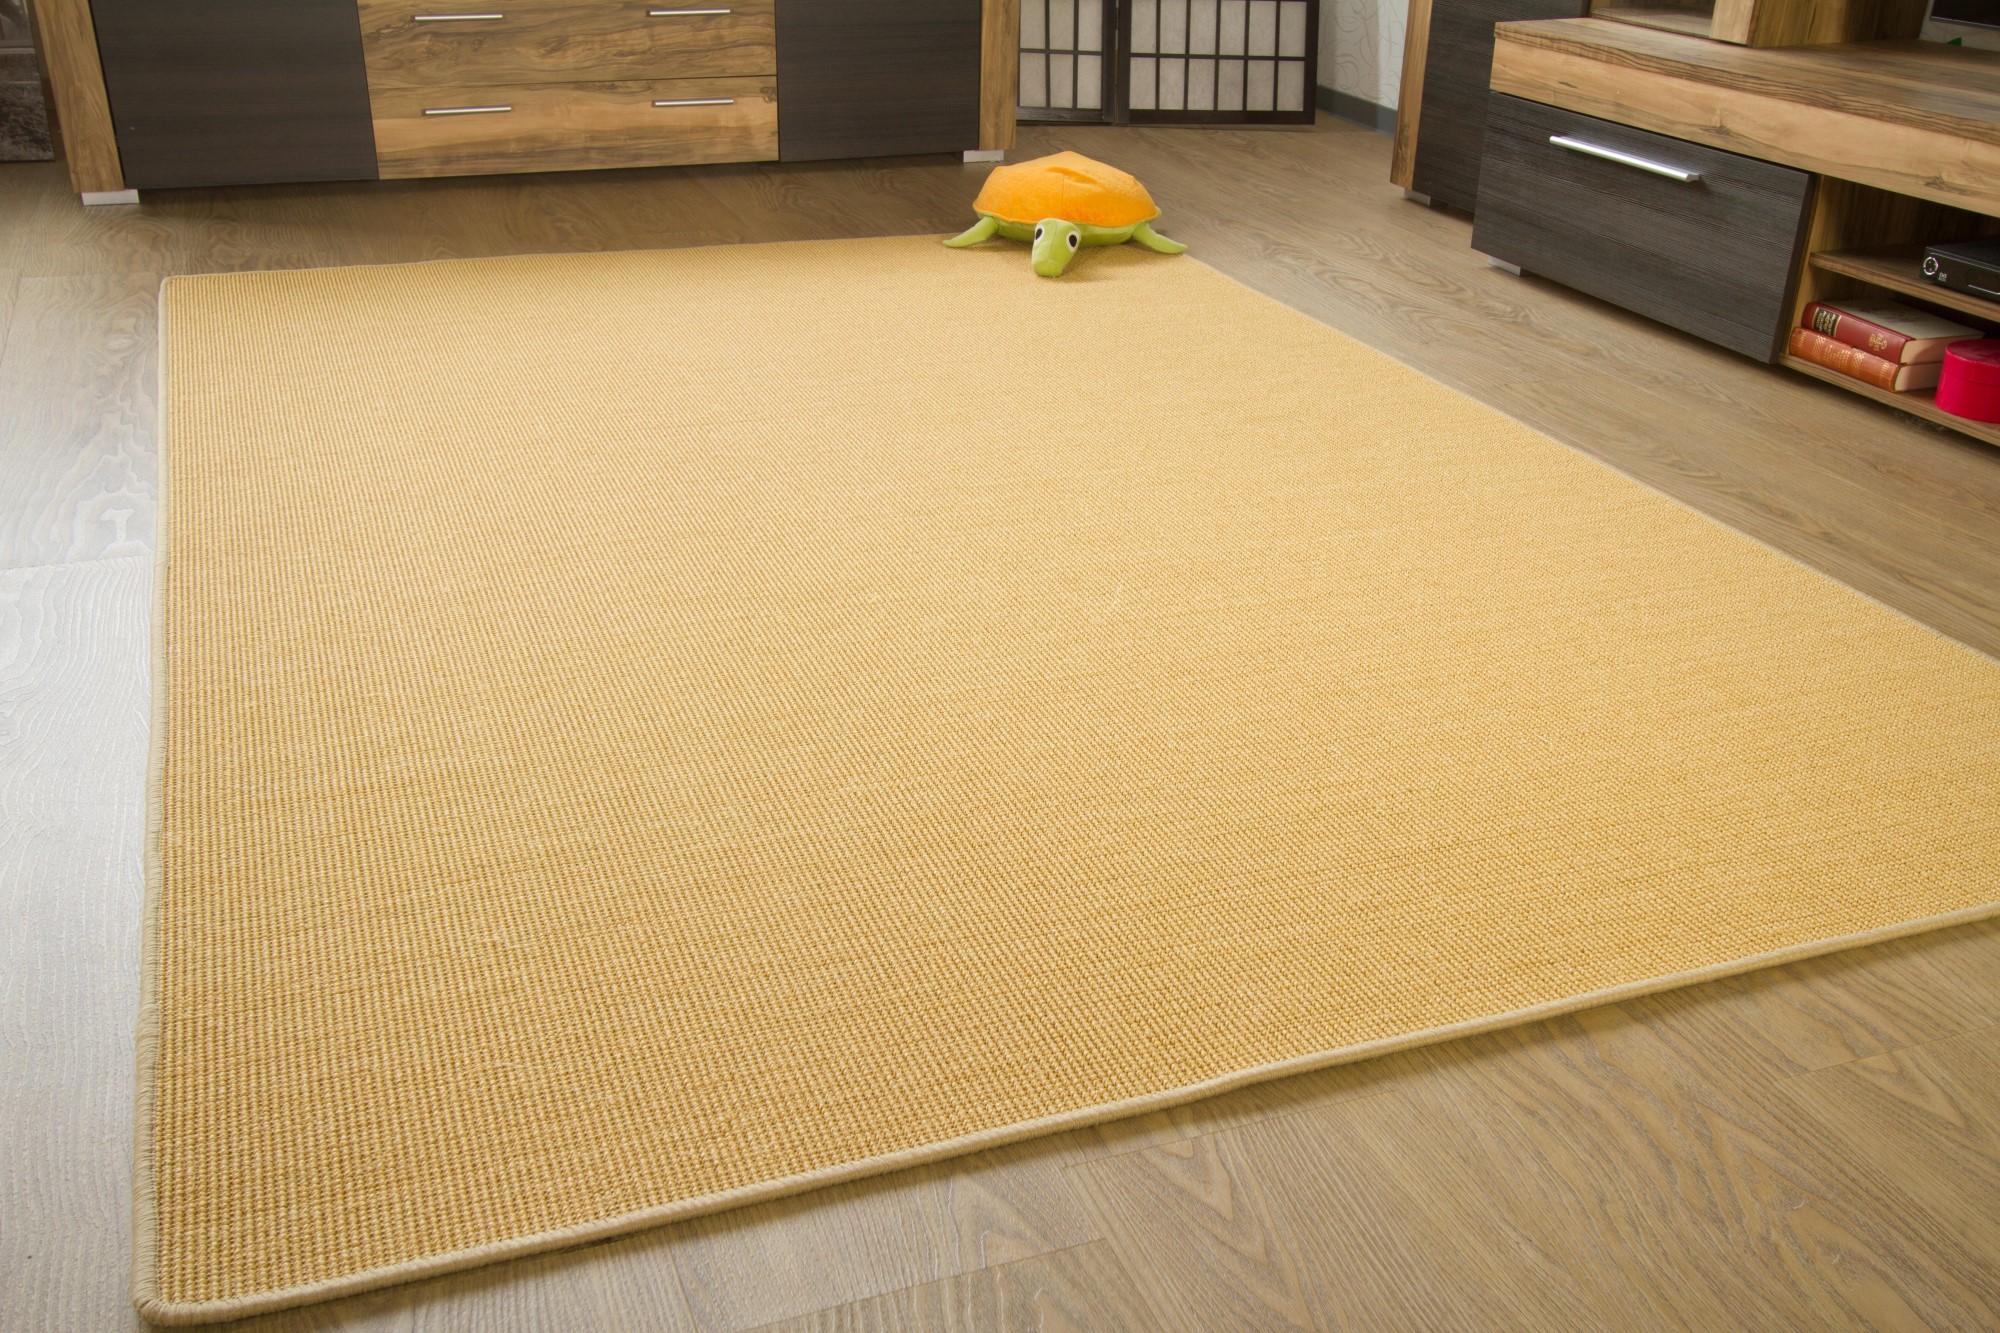 sisal teppich acapulco gekettelt zwei farben viele gr en aus 100 sisal ebay. Black Bedroom Furniture Sets. Home Design Ideas